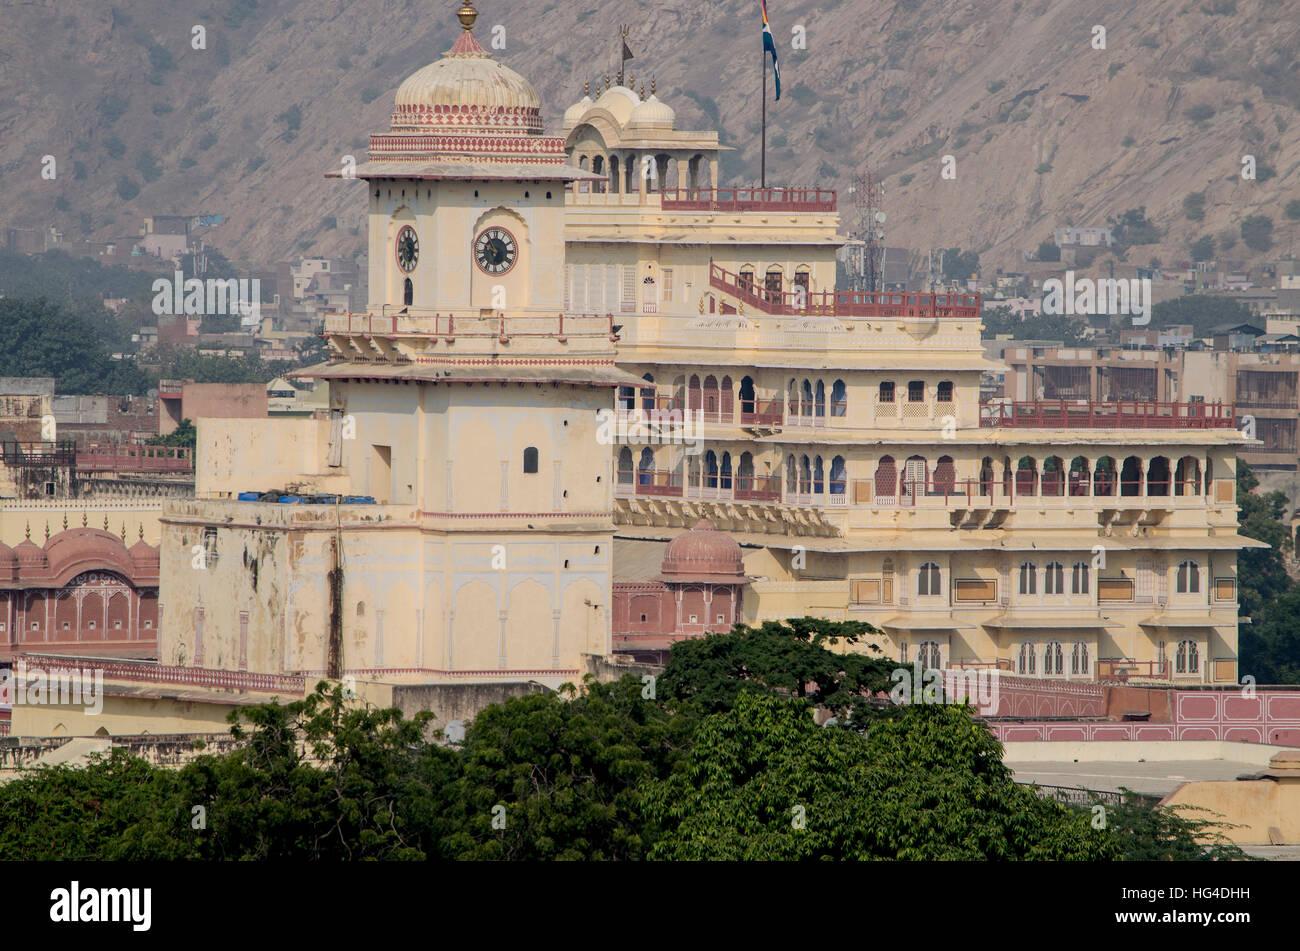 landschaft der stadt jaipur in indien die draufsicht einer landschaft architektur haus. Black Bedroom Furniture Sets. Home Design Ideas